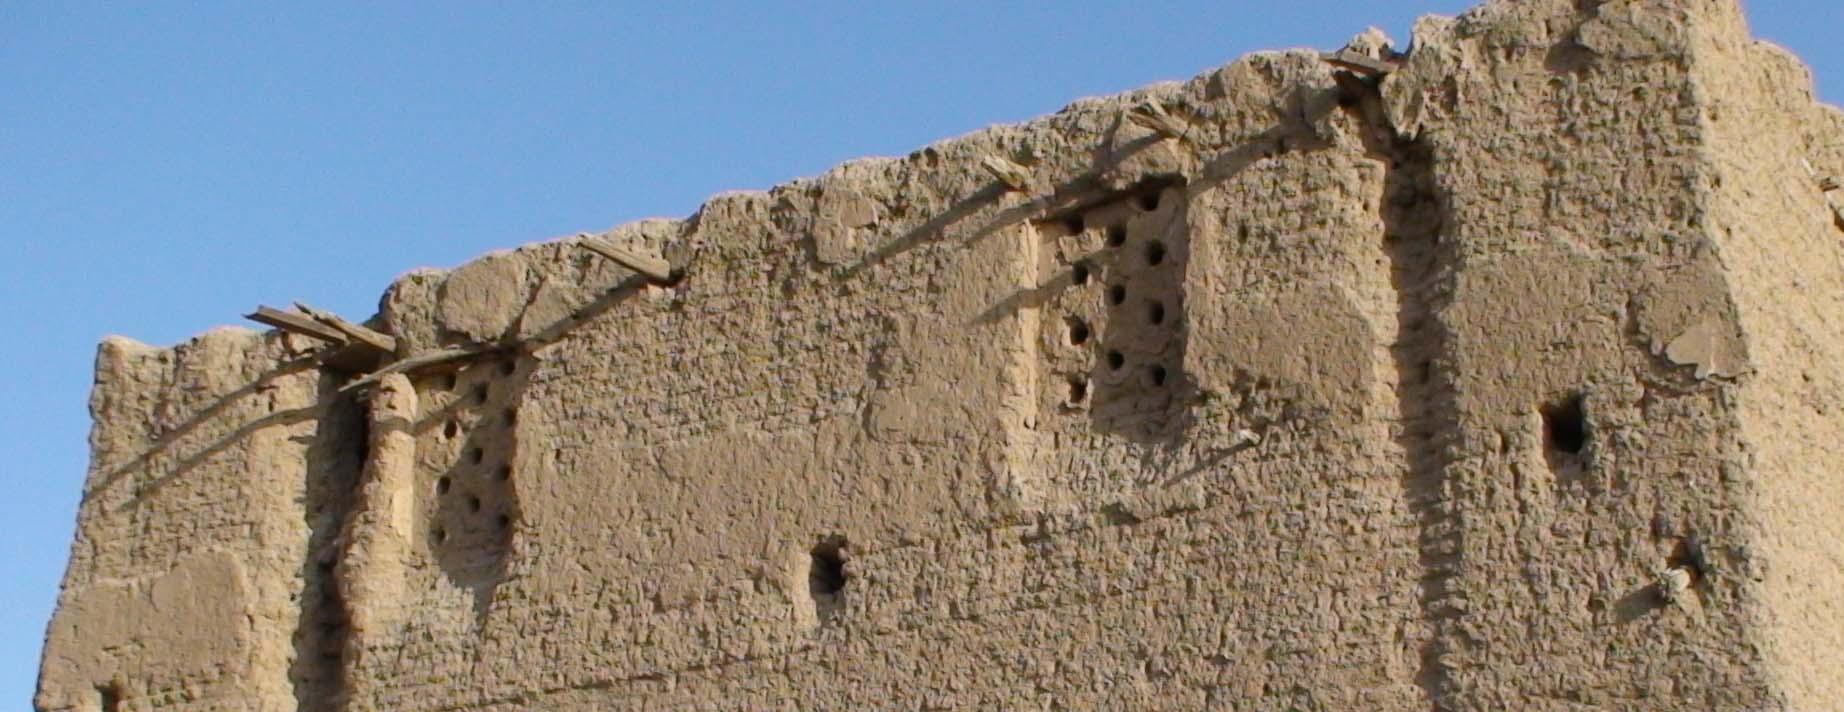 سوراخهای مشبک دیوار